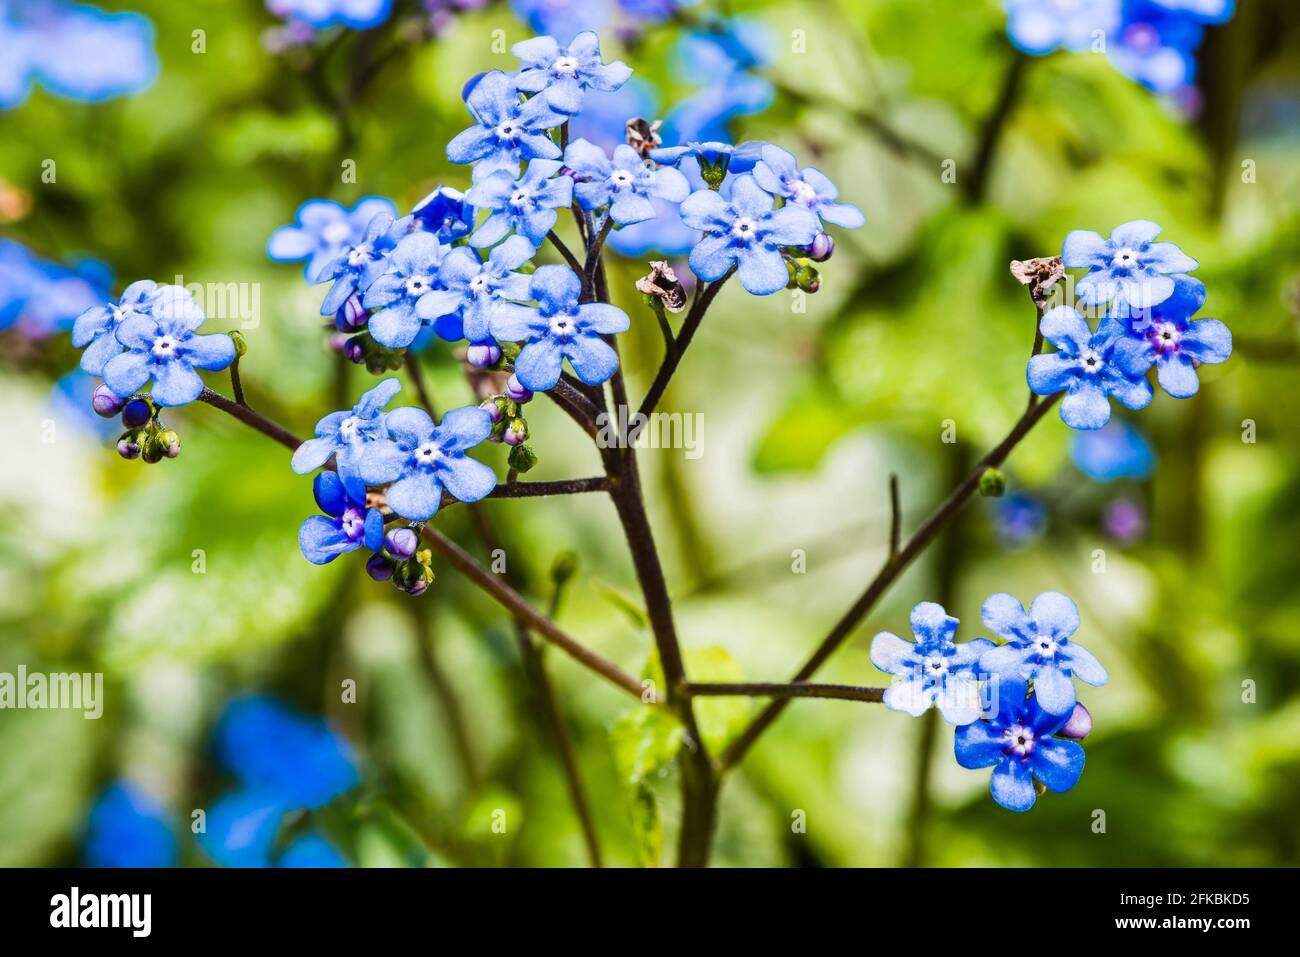 Primer plano de una flor azul (Brunnera macrophylla) en un jardín de primavera del norte de Londres, Londres, Reino Unido Foto de stock